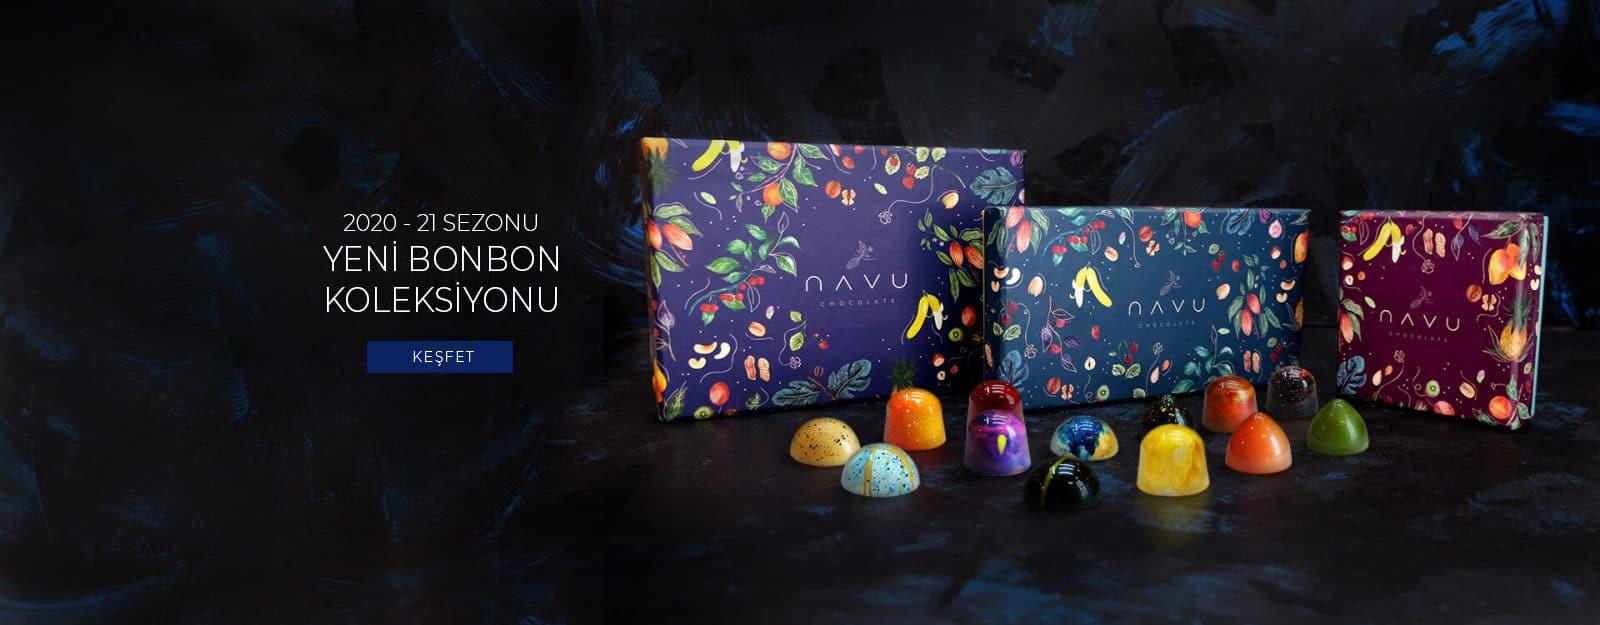 Yeni Bonbon Koleksiyonu